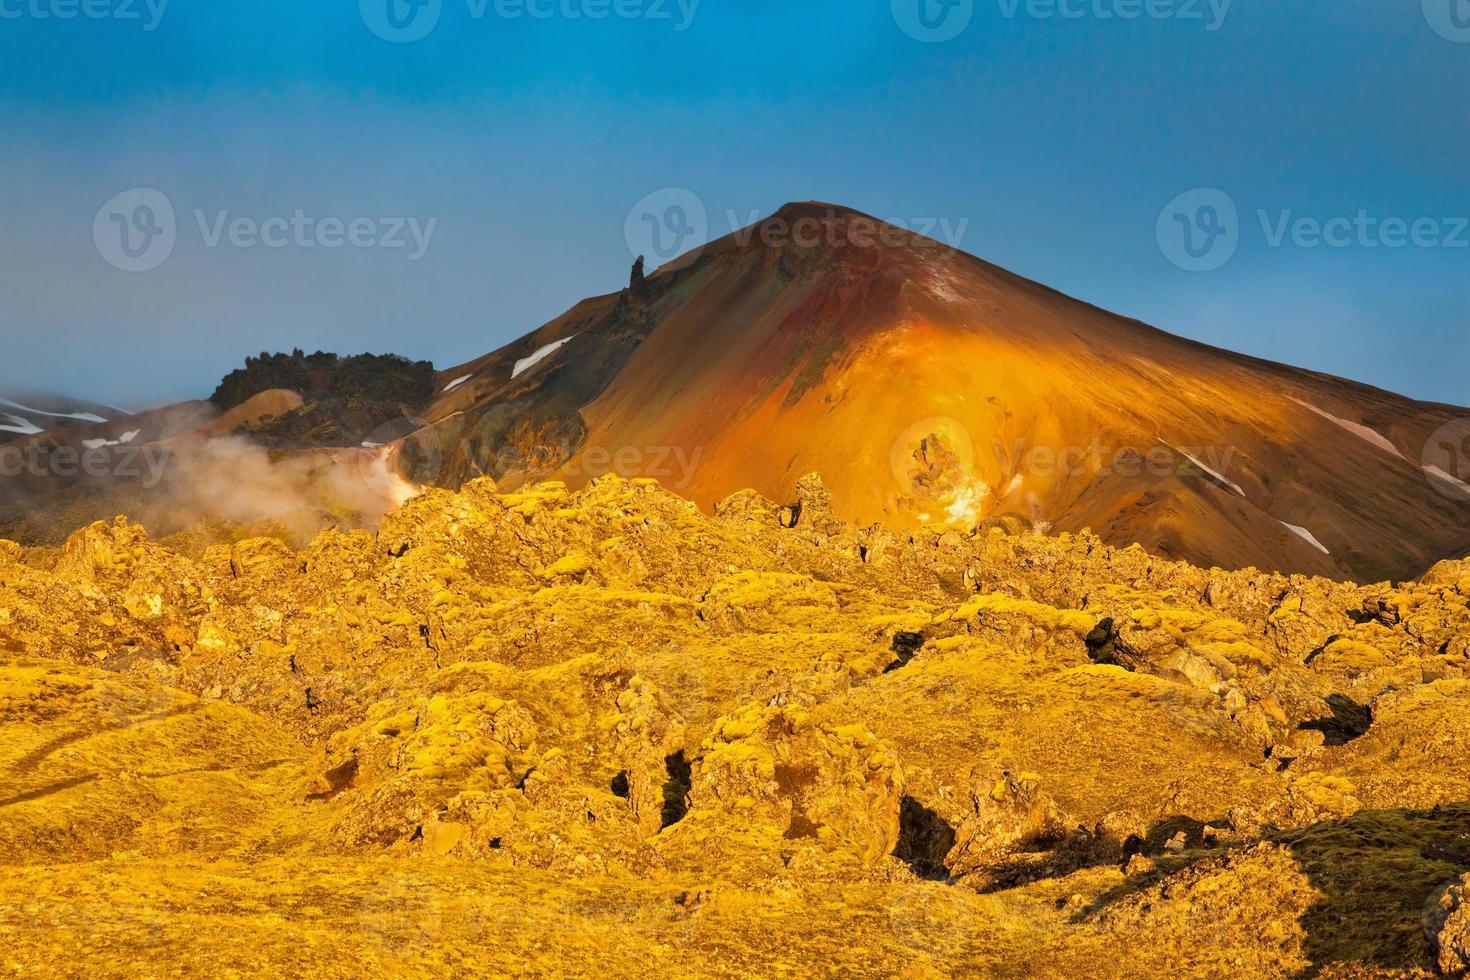 montanhas e lava endurecida iluminaram o sol quente da manhã foto